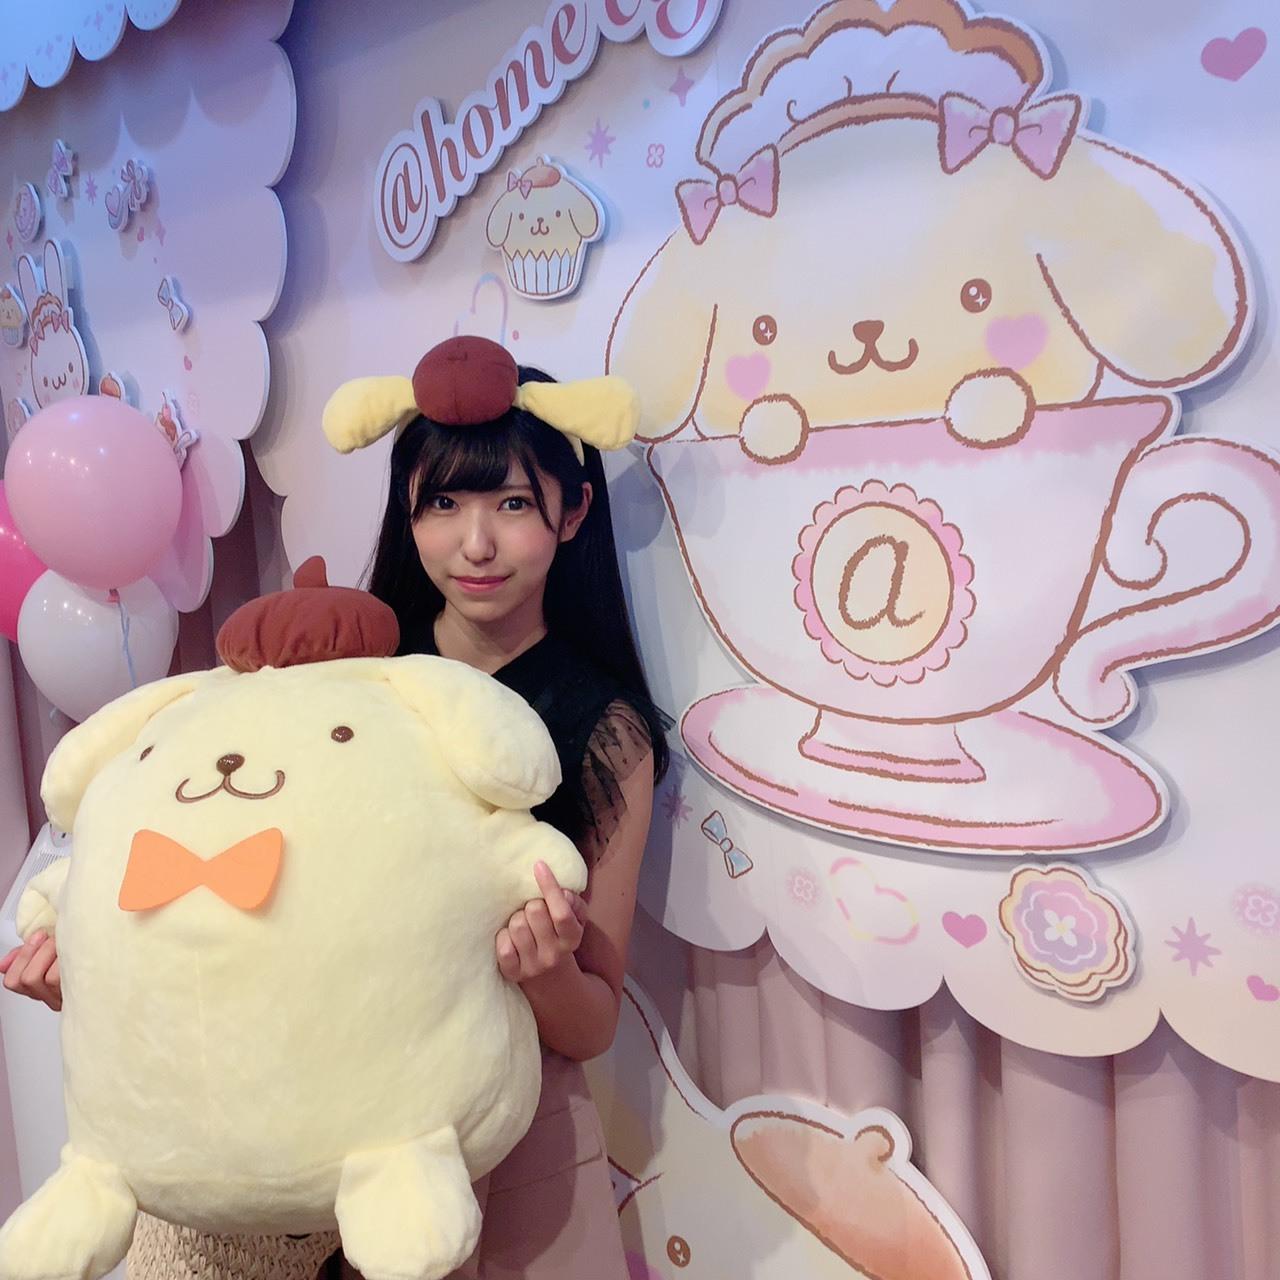 期間限定のポムポムプリン×@ほぉ~むカフェが可愛すぎる!!_1_4